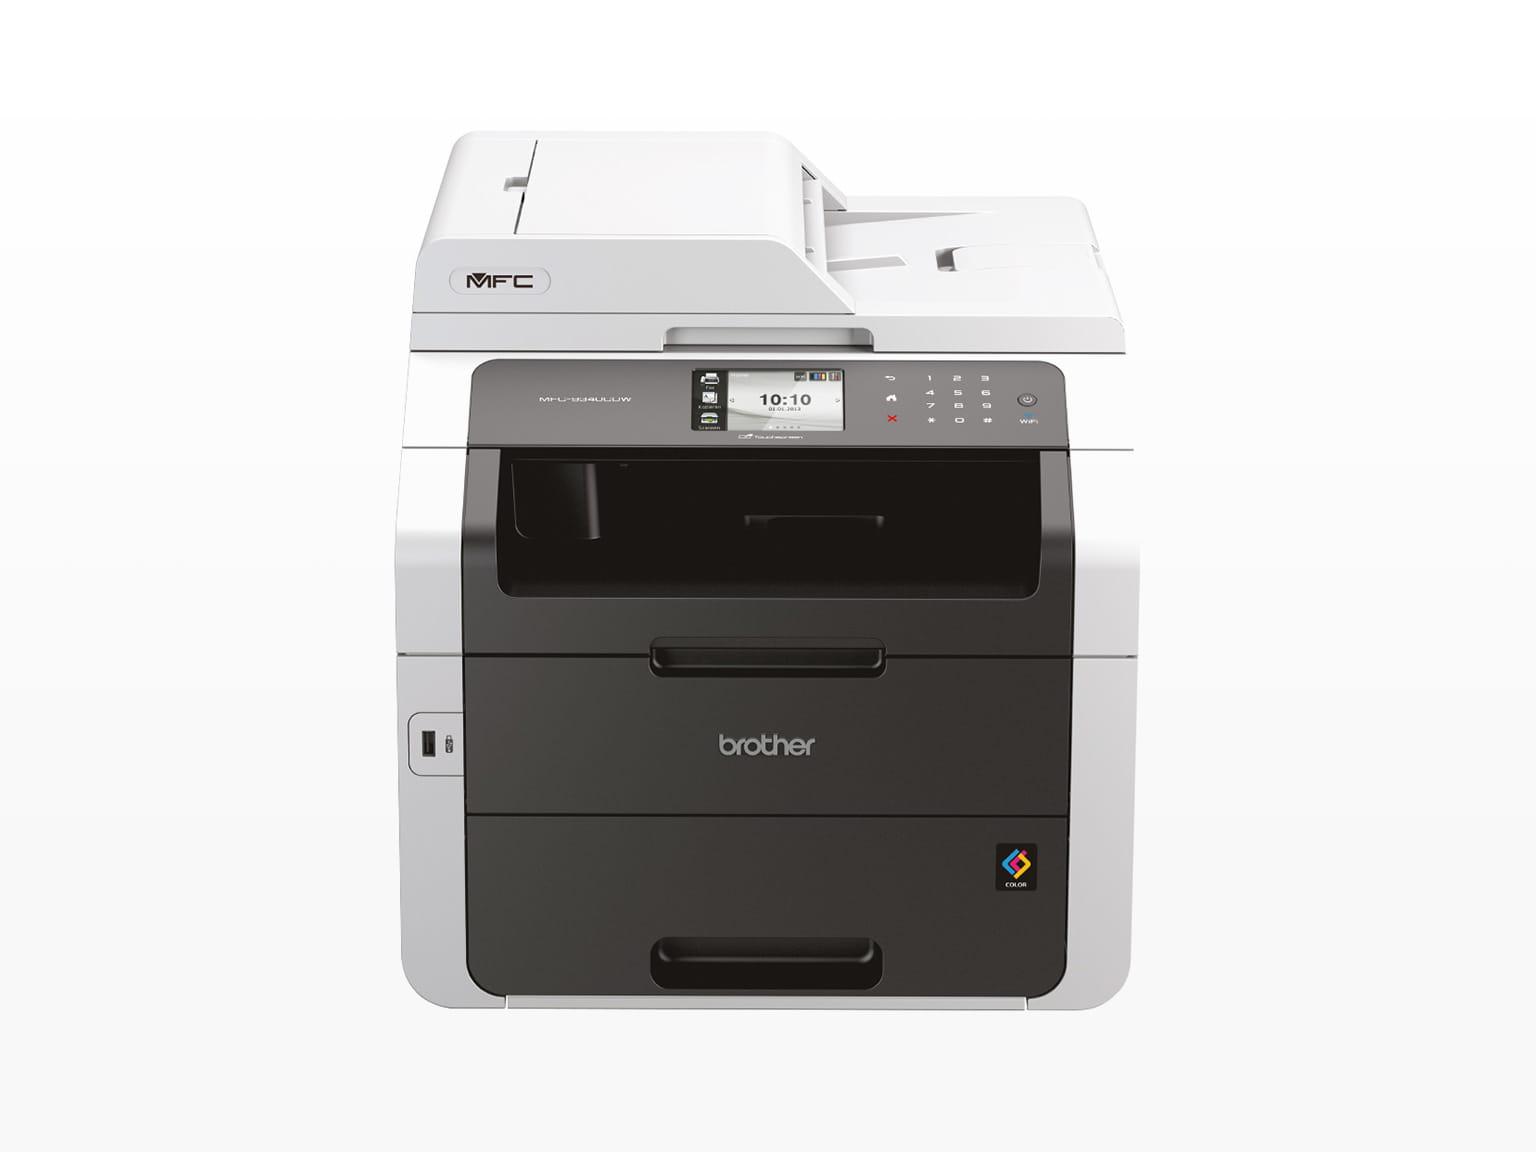 drucker multifunktionsdrucker scanner brother. Black Bedroom Furniture Sets. Home Design Ideas